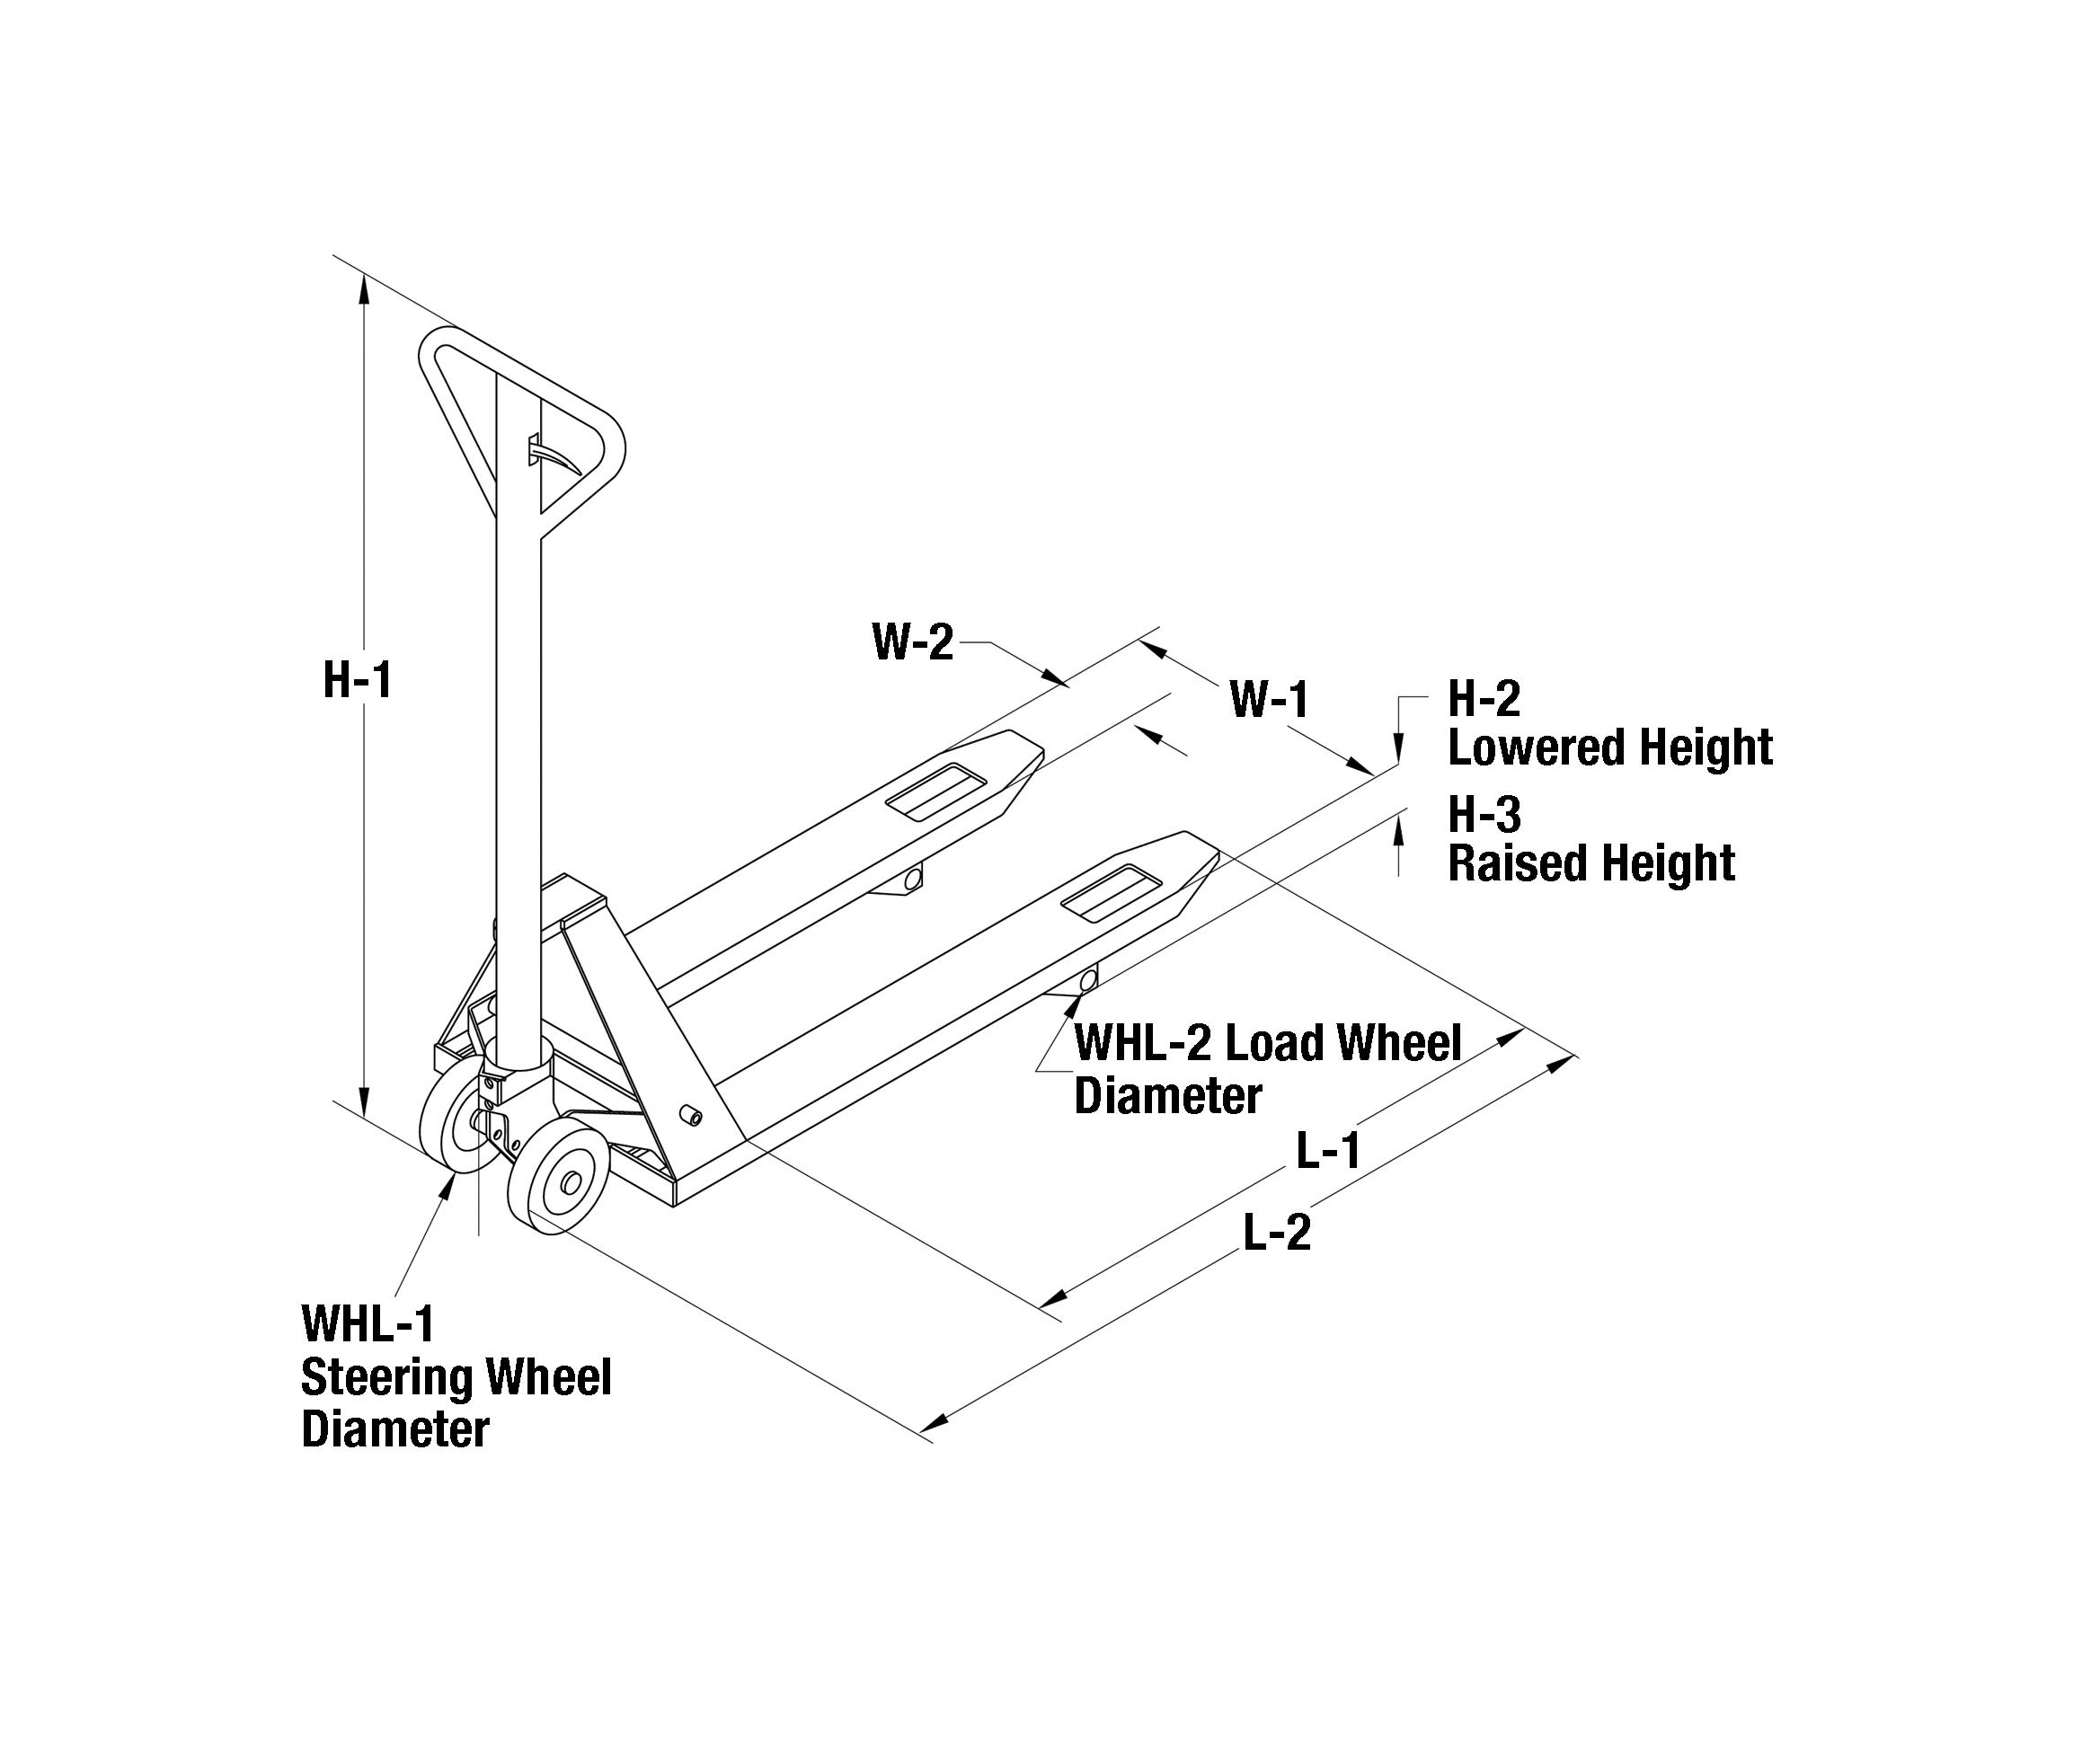 Va 3113  Manual Pallet Jacks Diagram Wiring Diagram